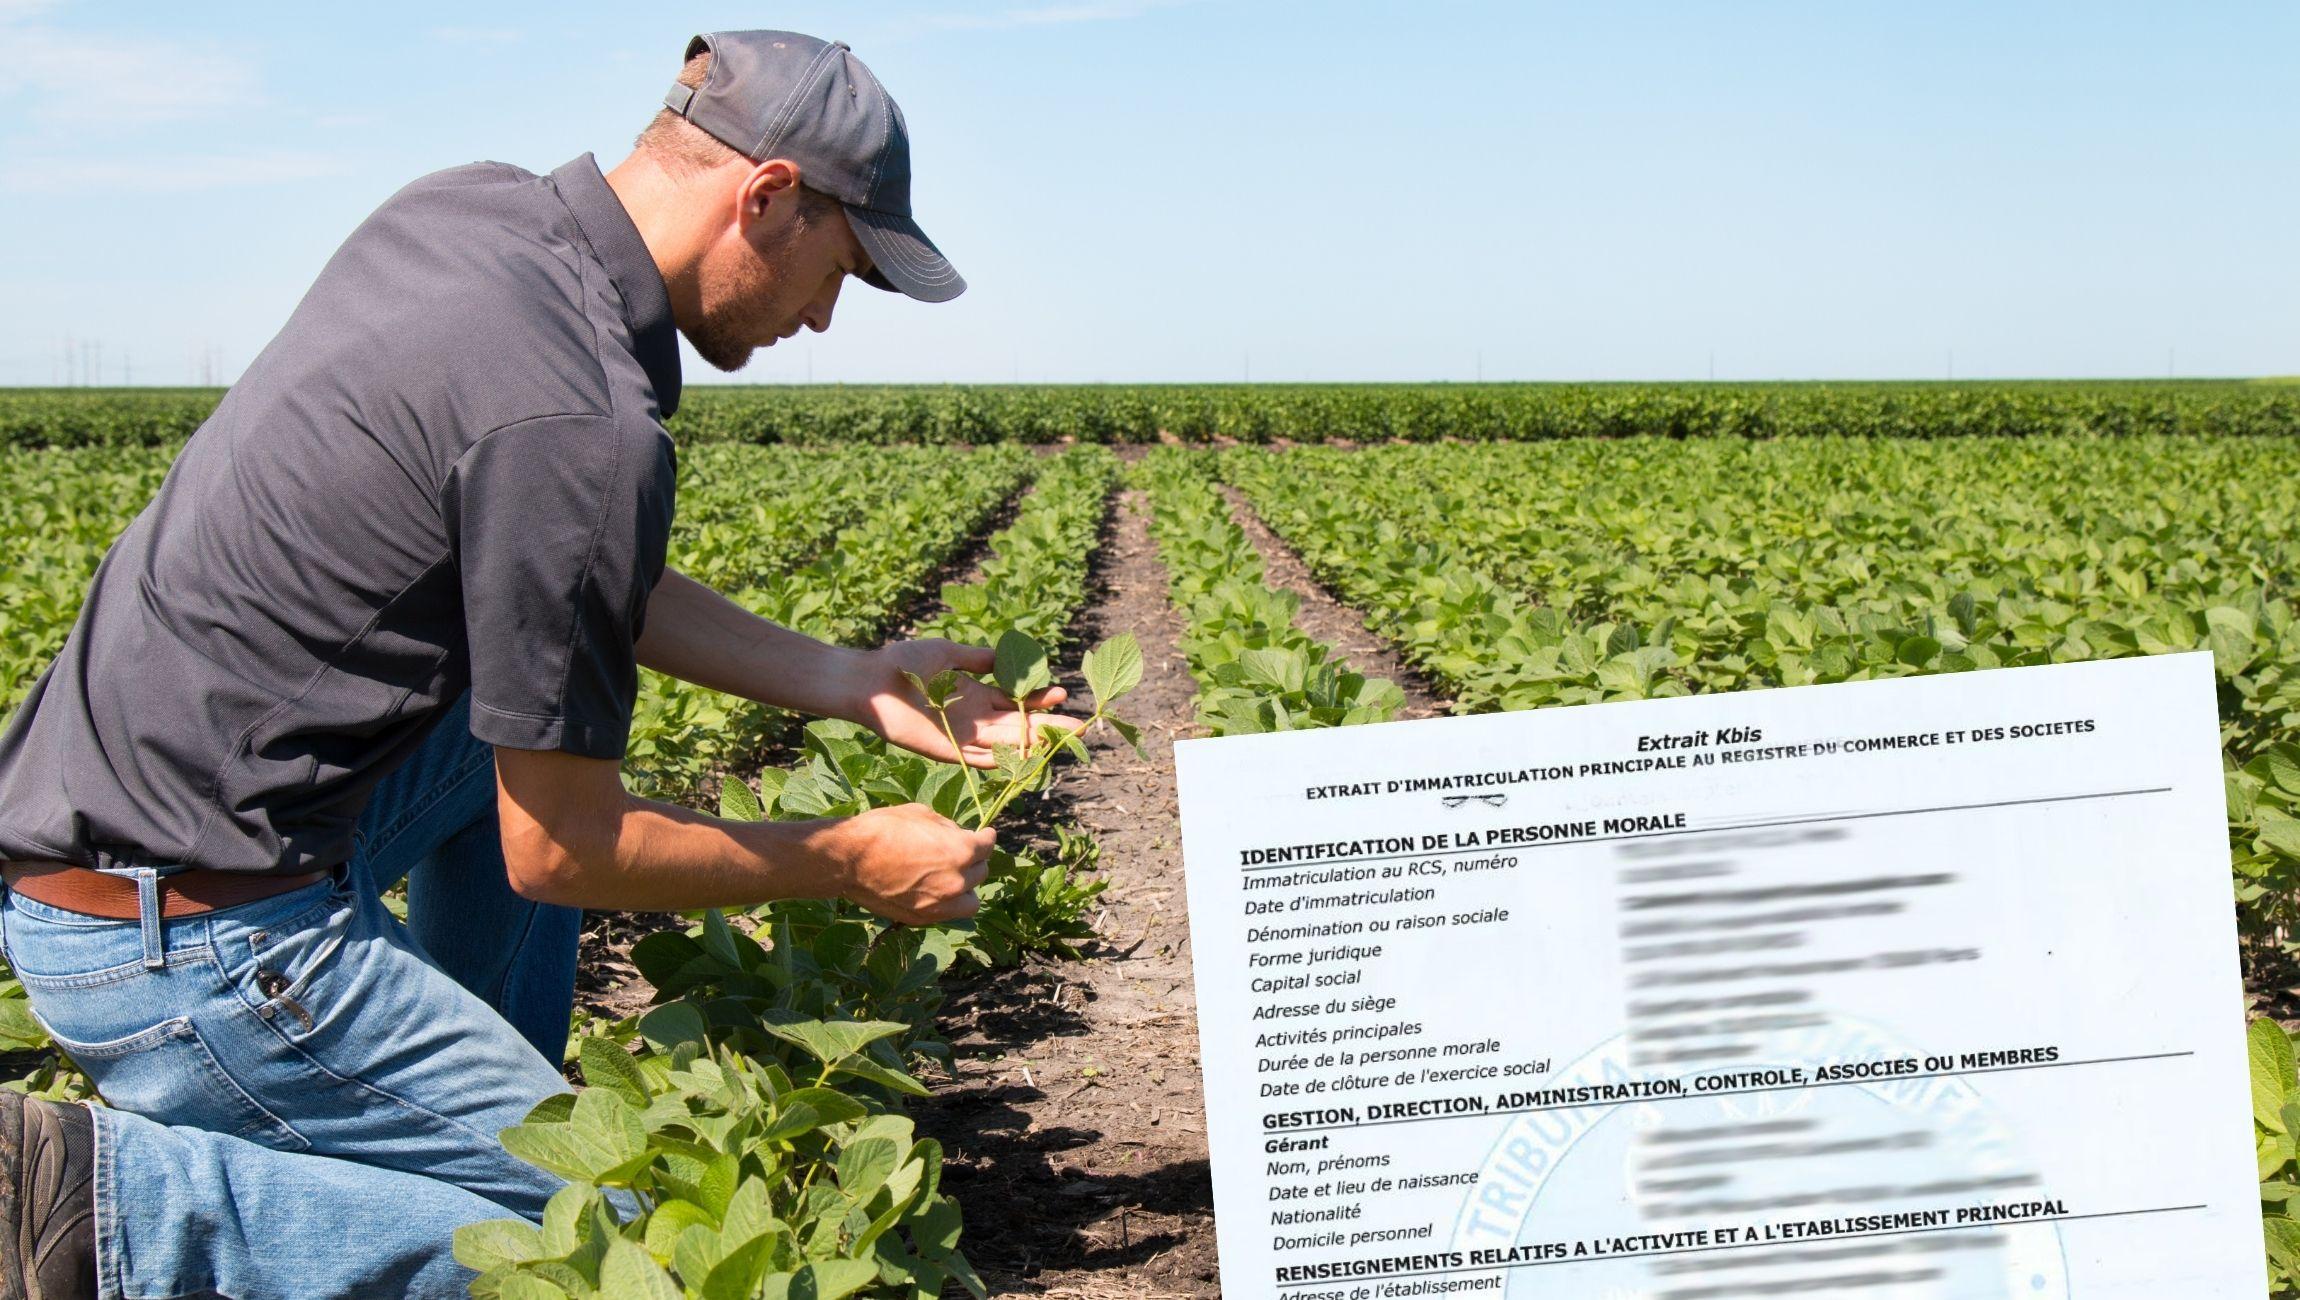 Extrait KBIS pour agriculteur